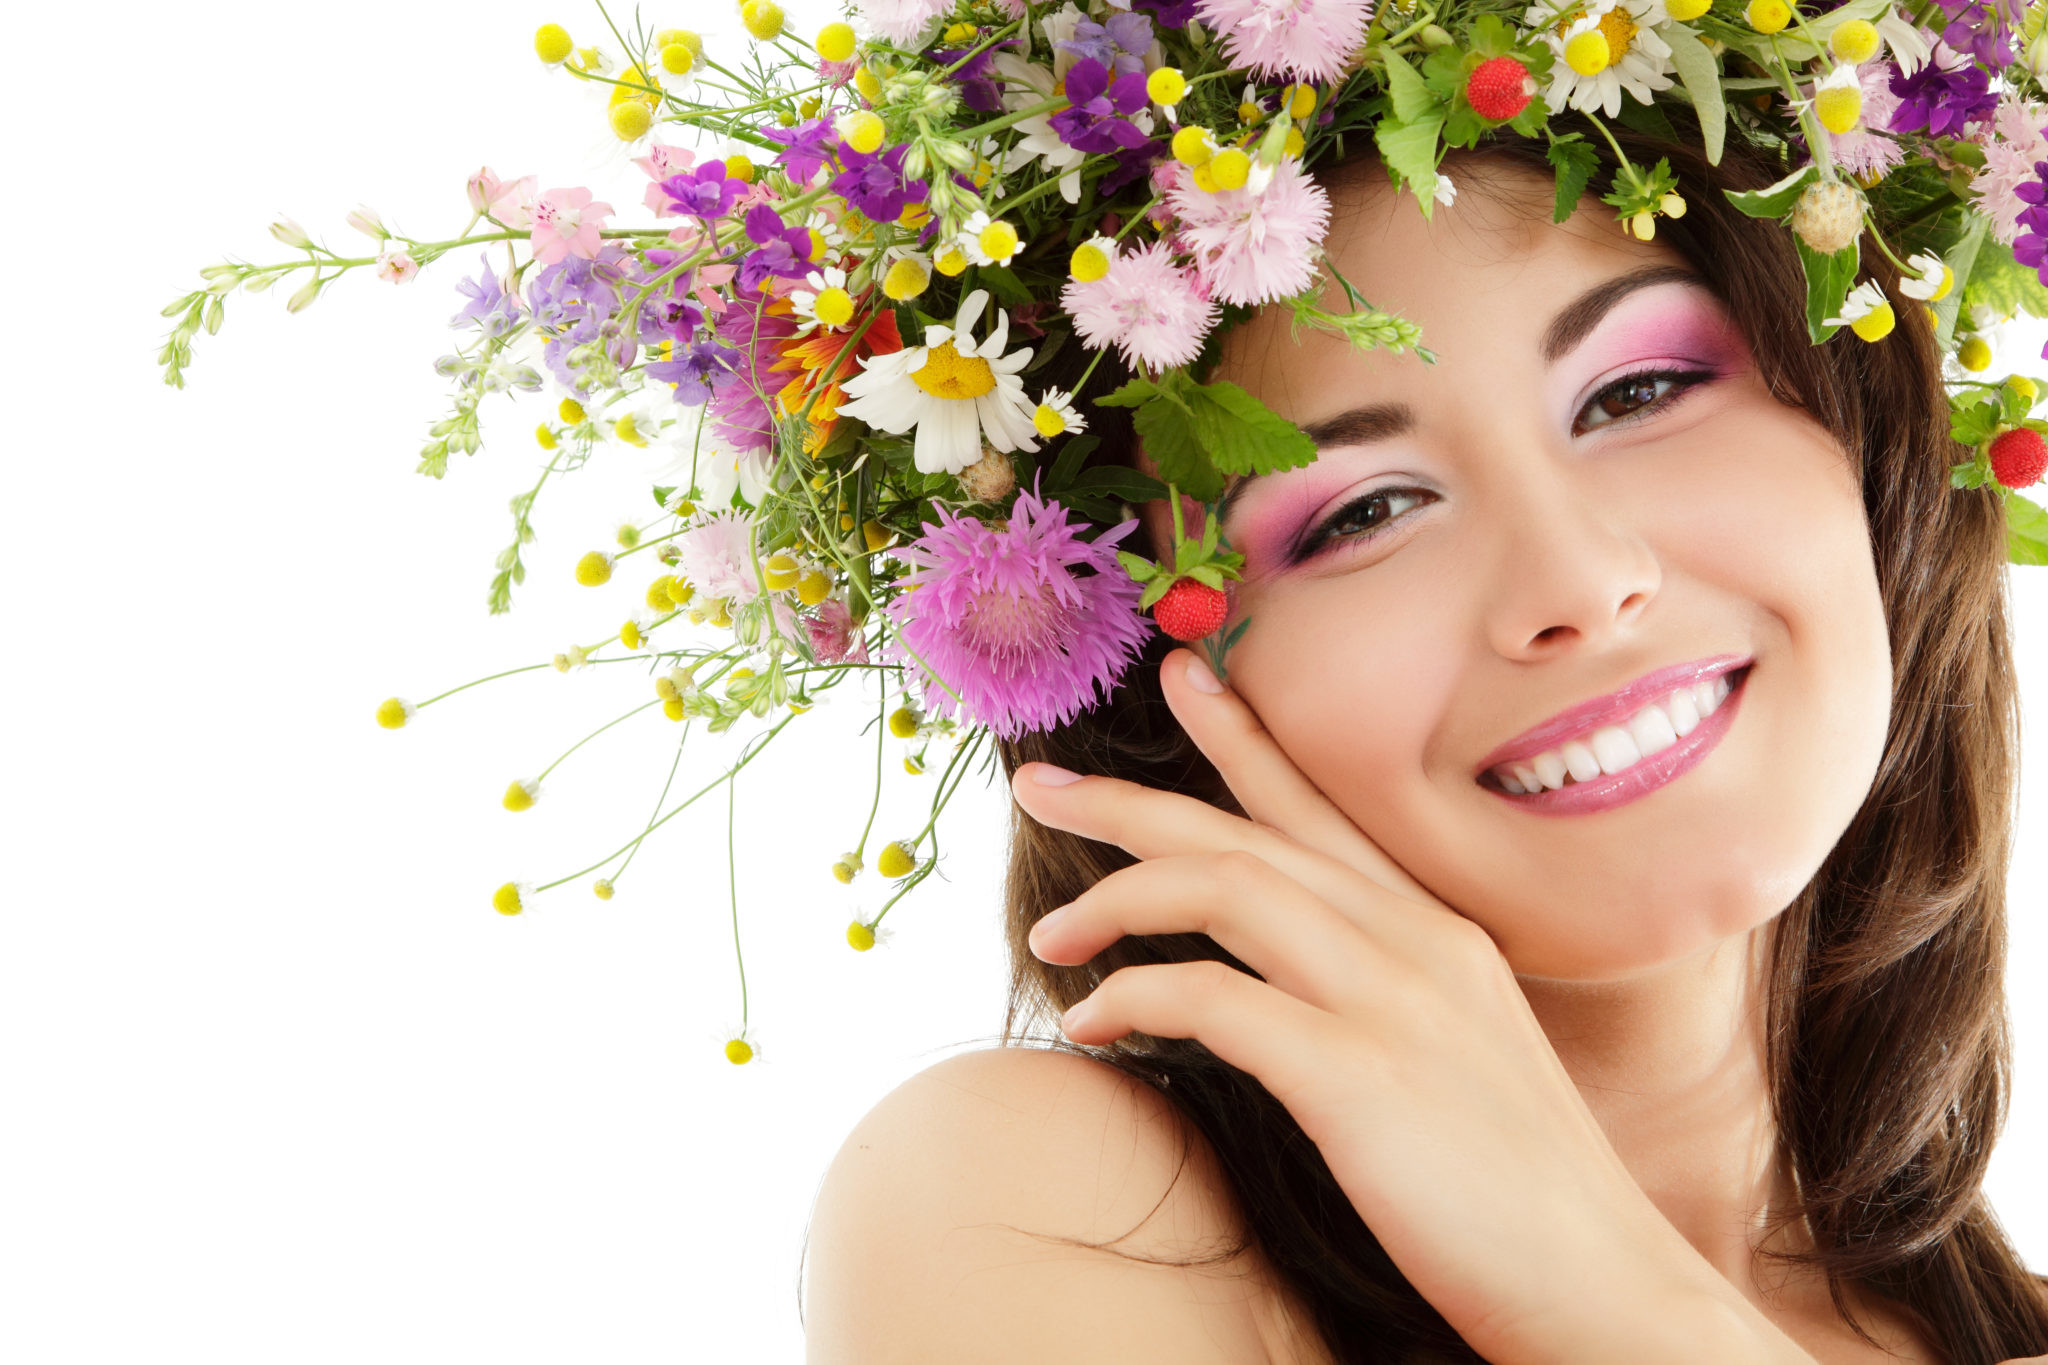 День летнего солнцестояния: гадания, приметы, ритуалы